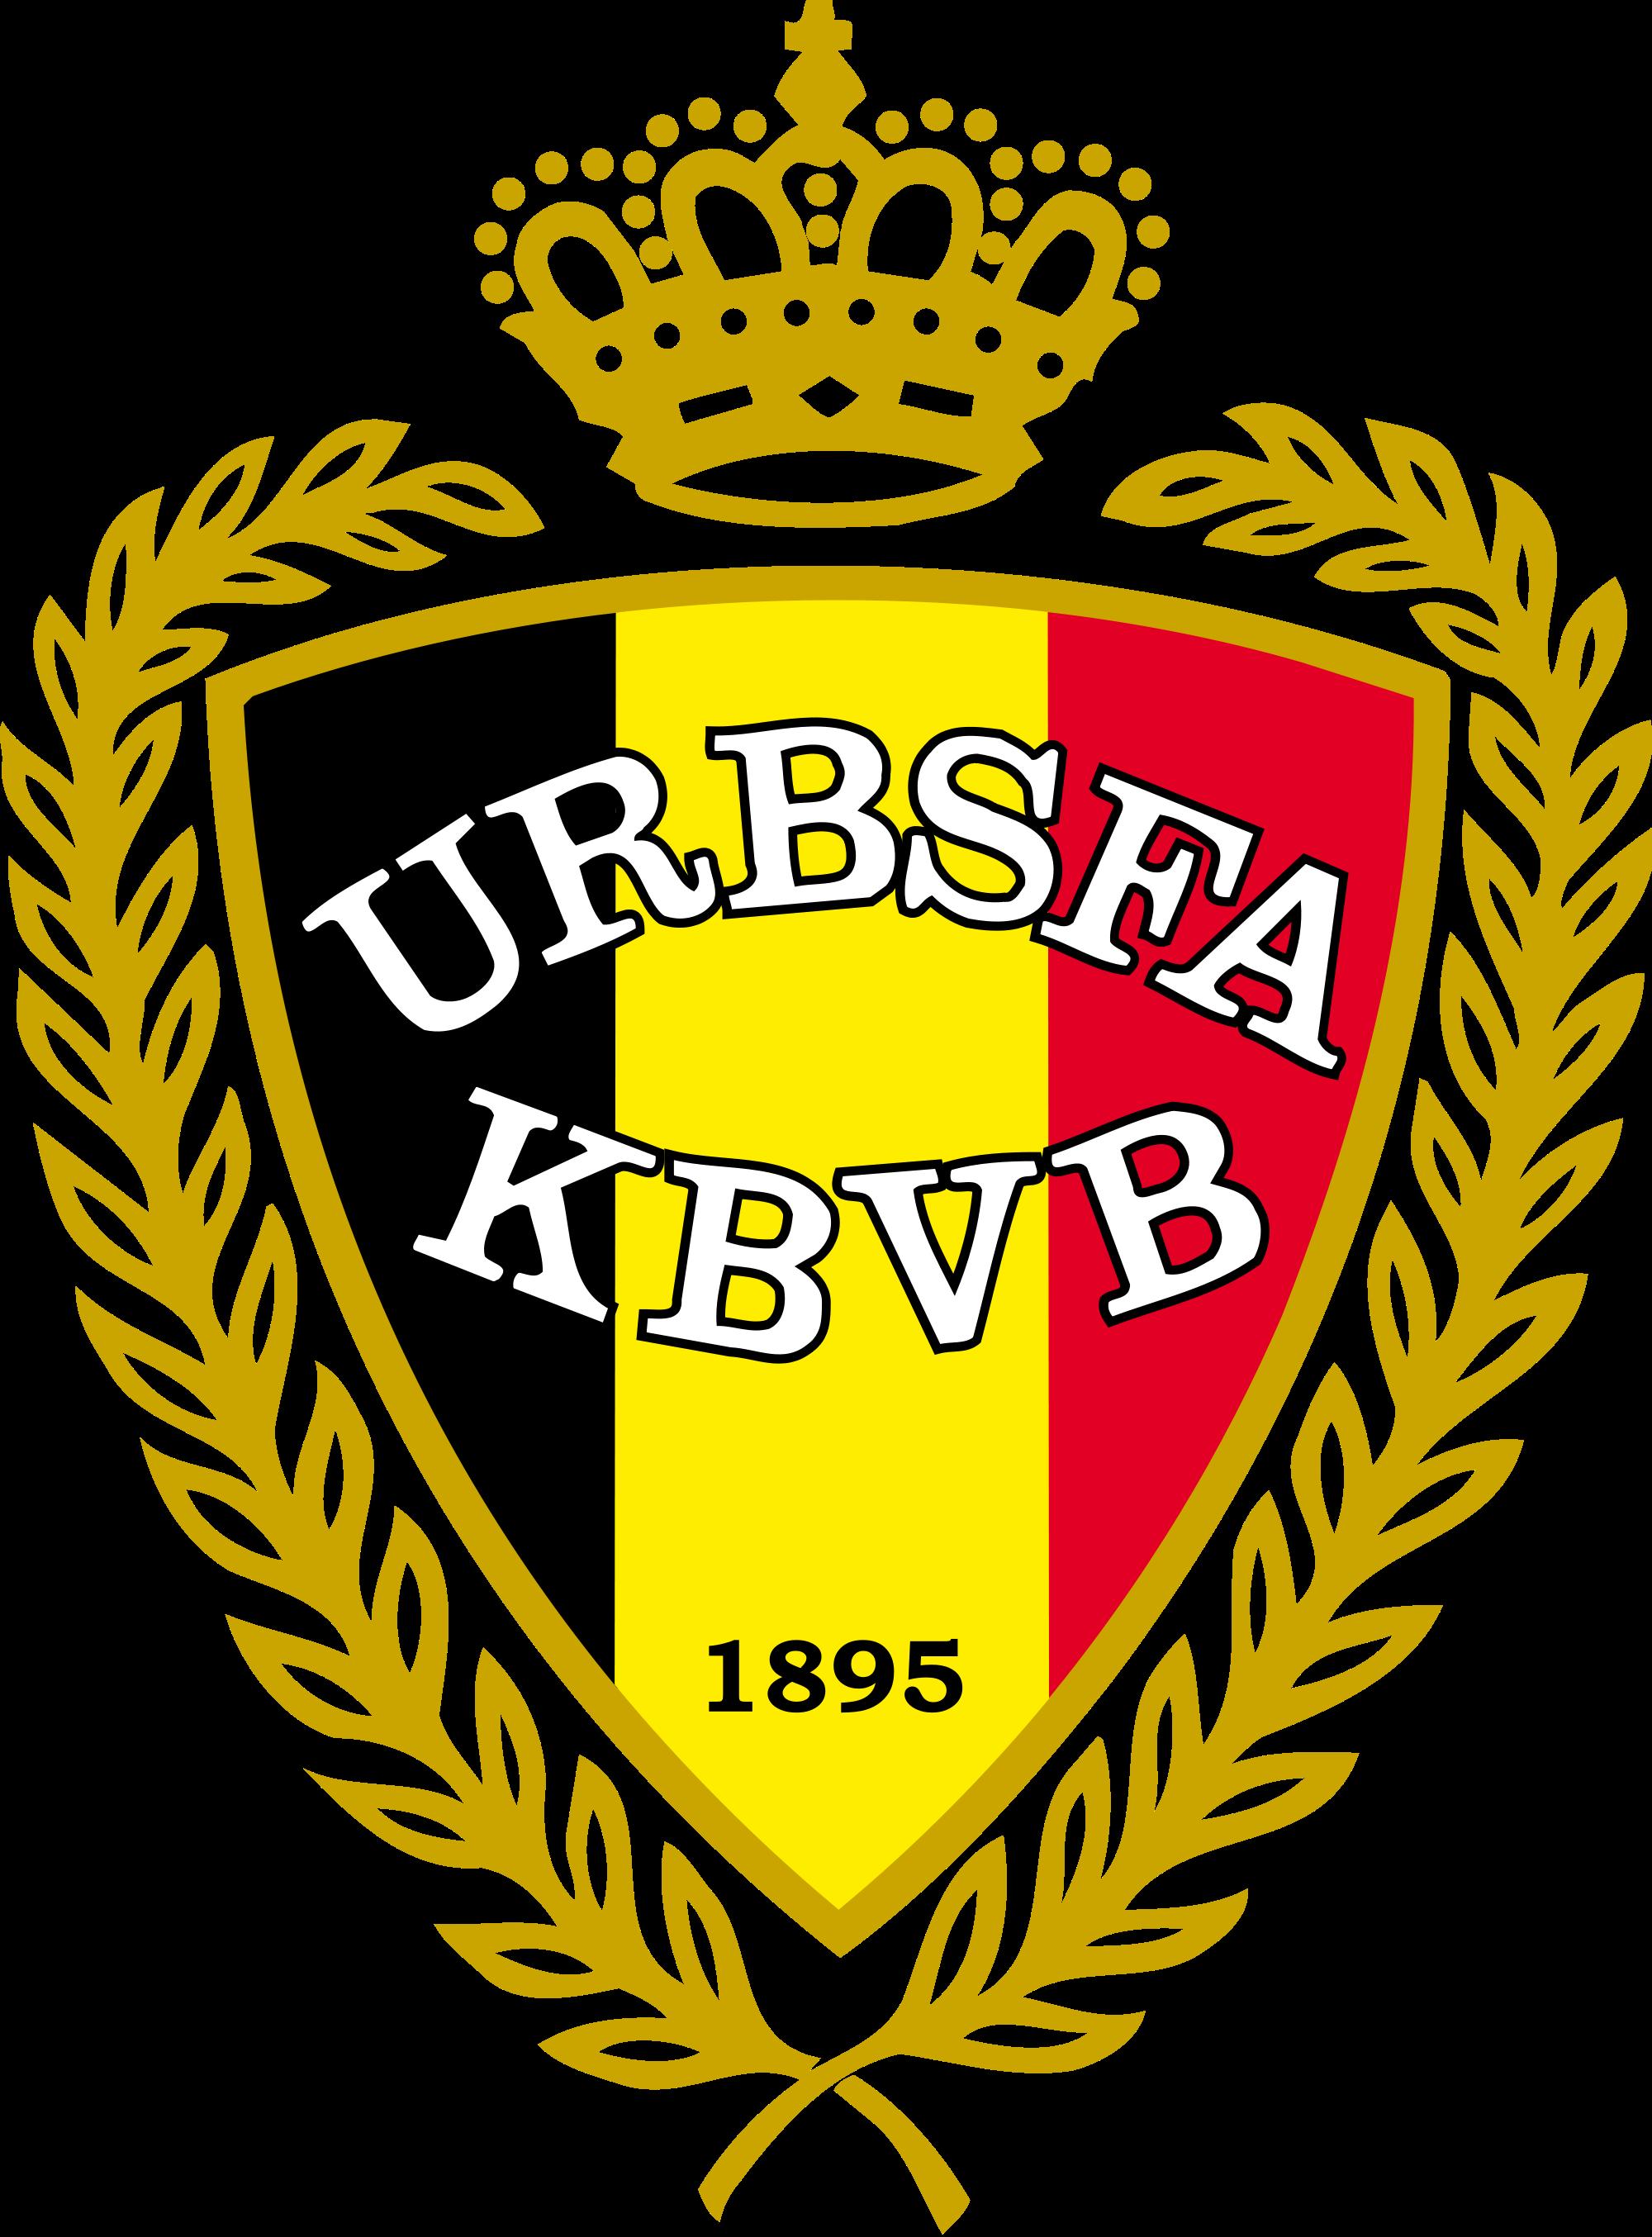 منتخب بلجيكا لكرة القدم ويكيبيديا